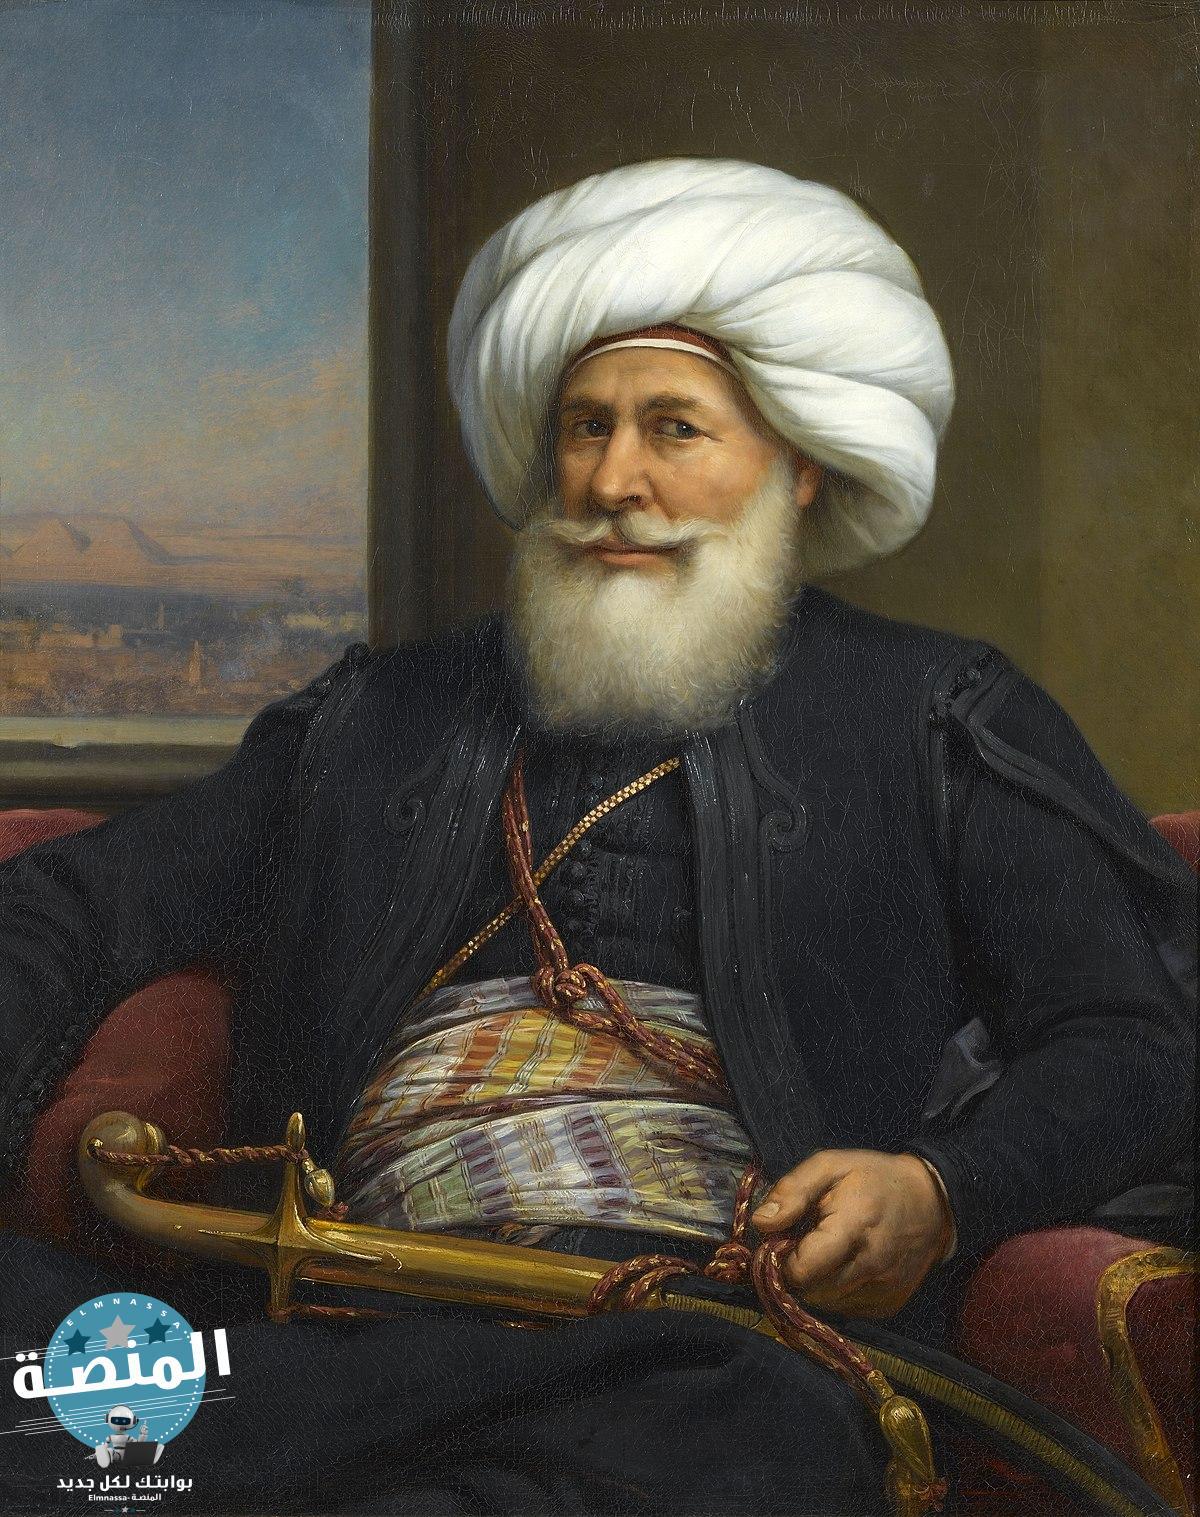 من هو محمد علي باشا؟